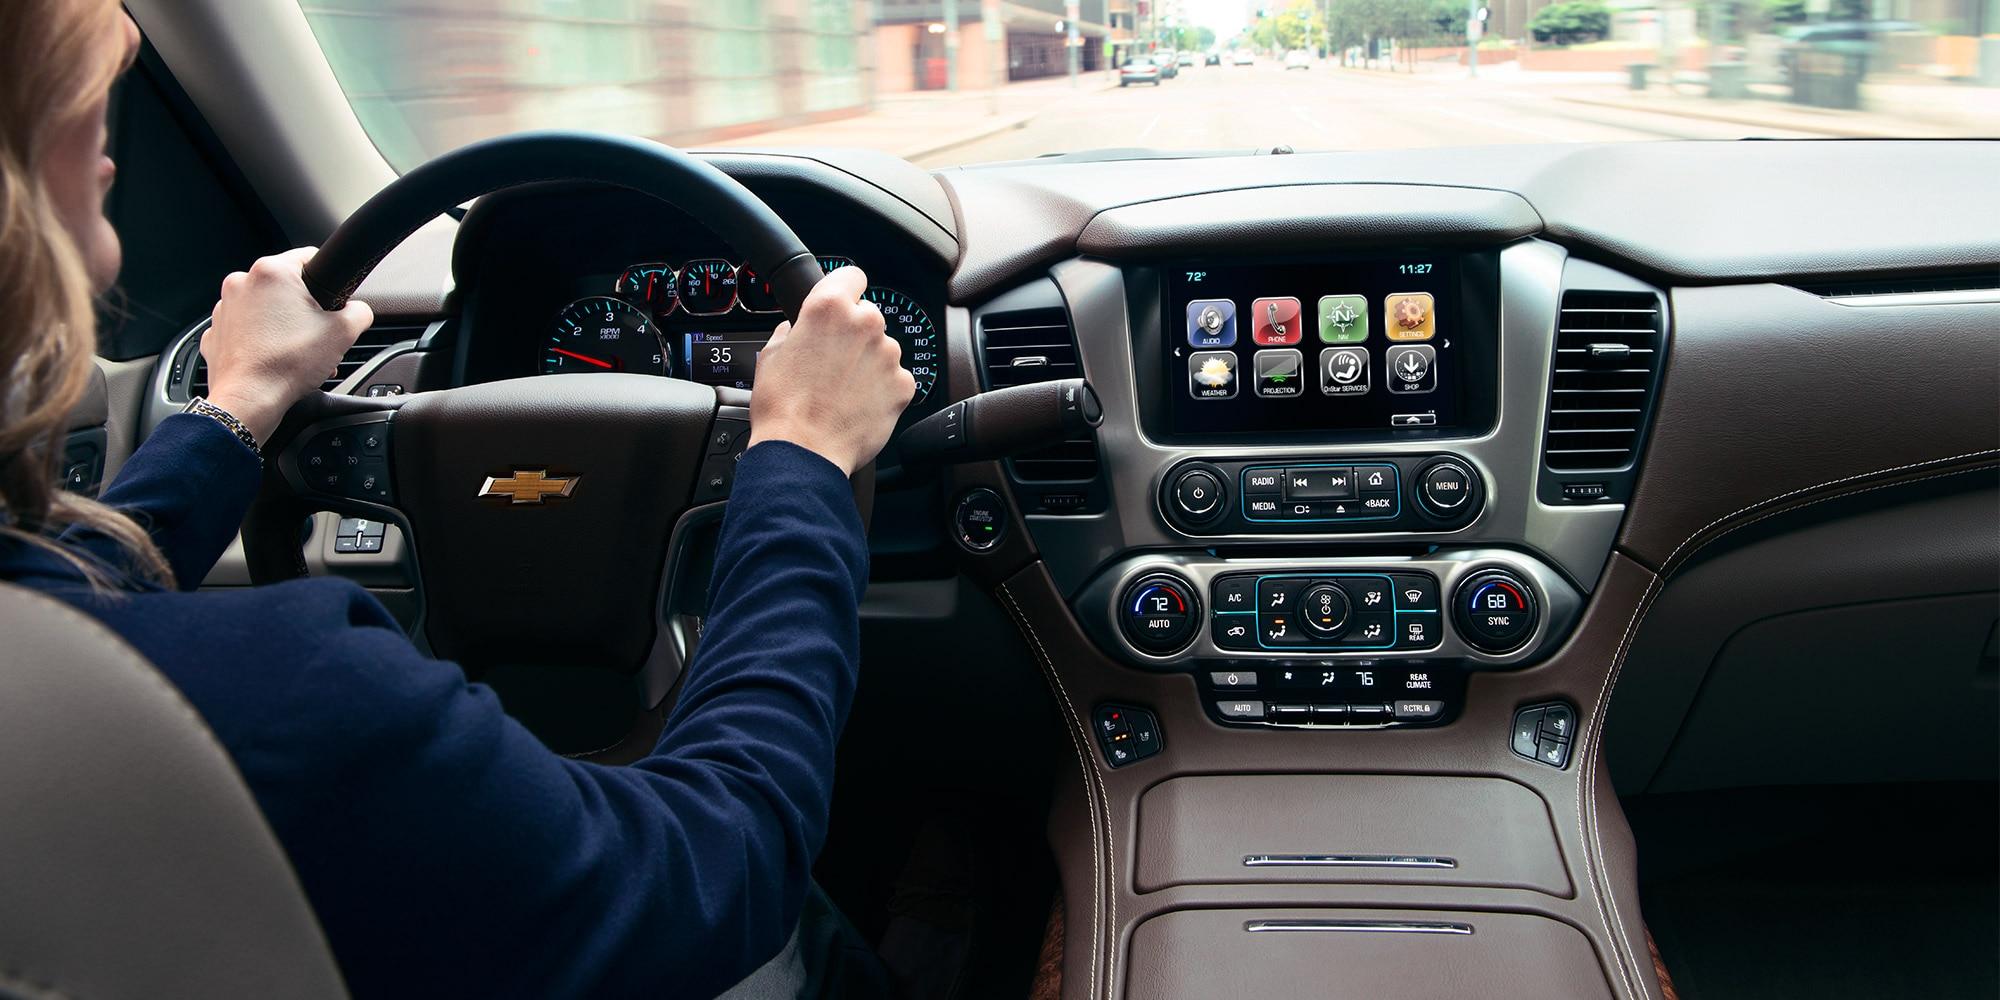 Tecnología de la SUV grande Suburban 2018: Pantalla táctil color de 8 en el tablero